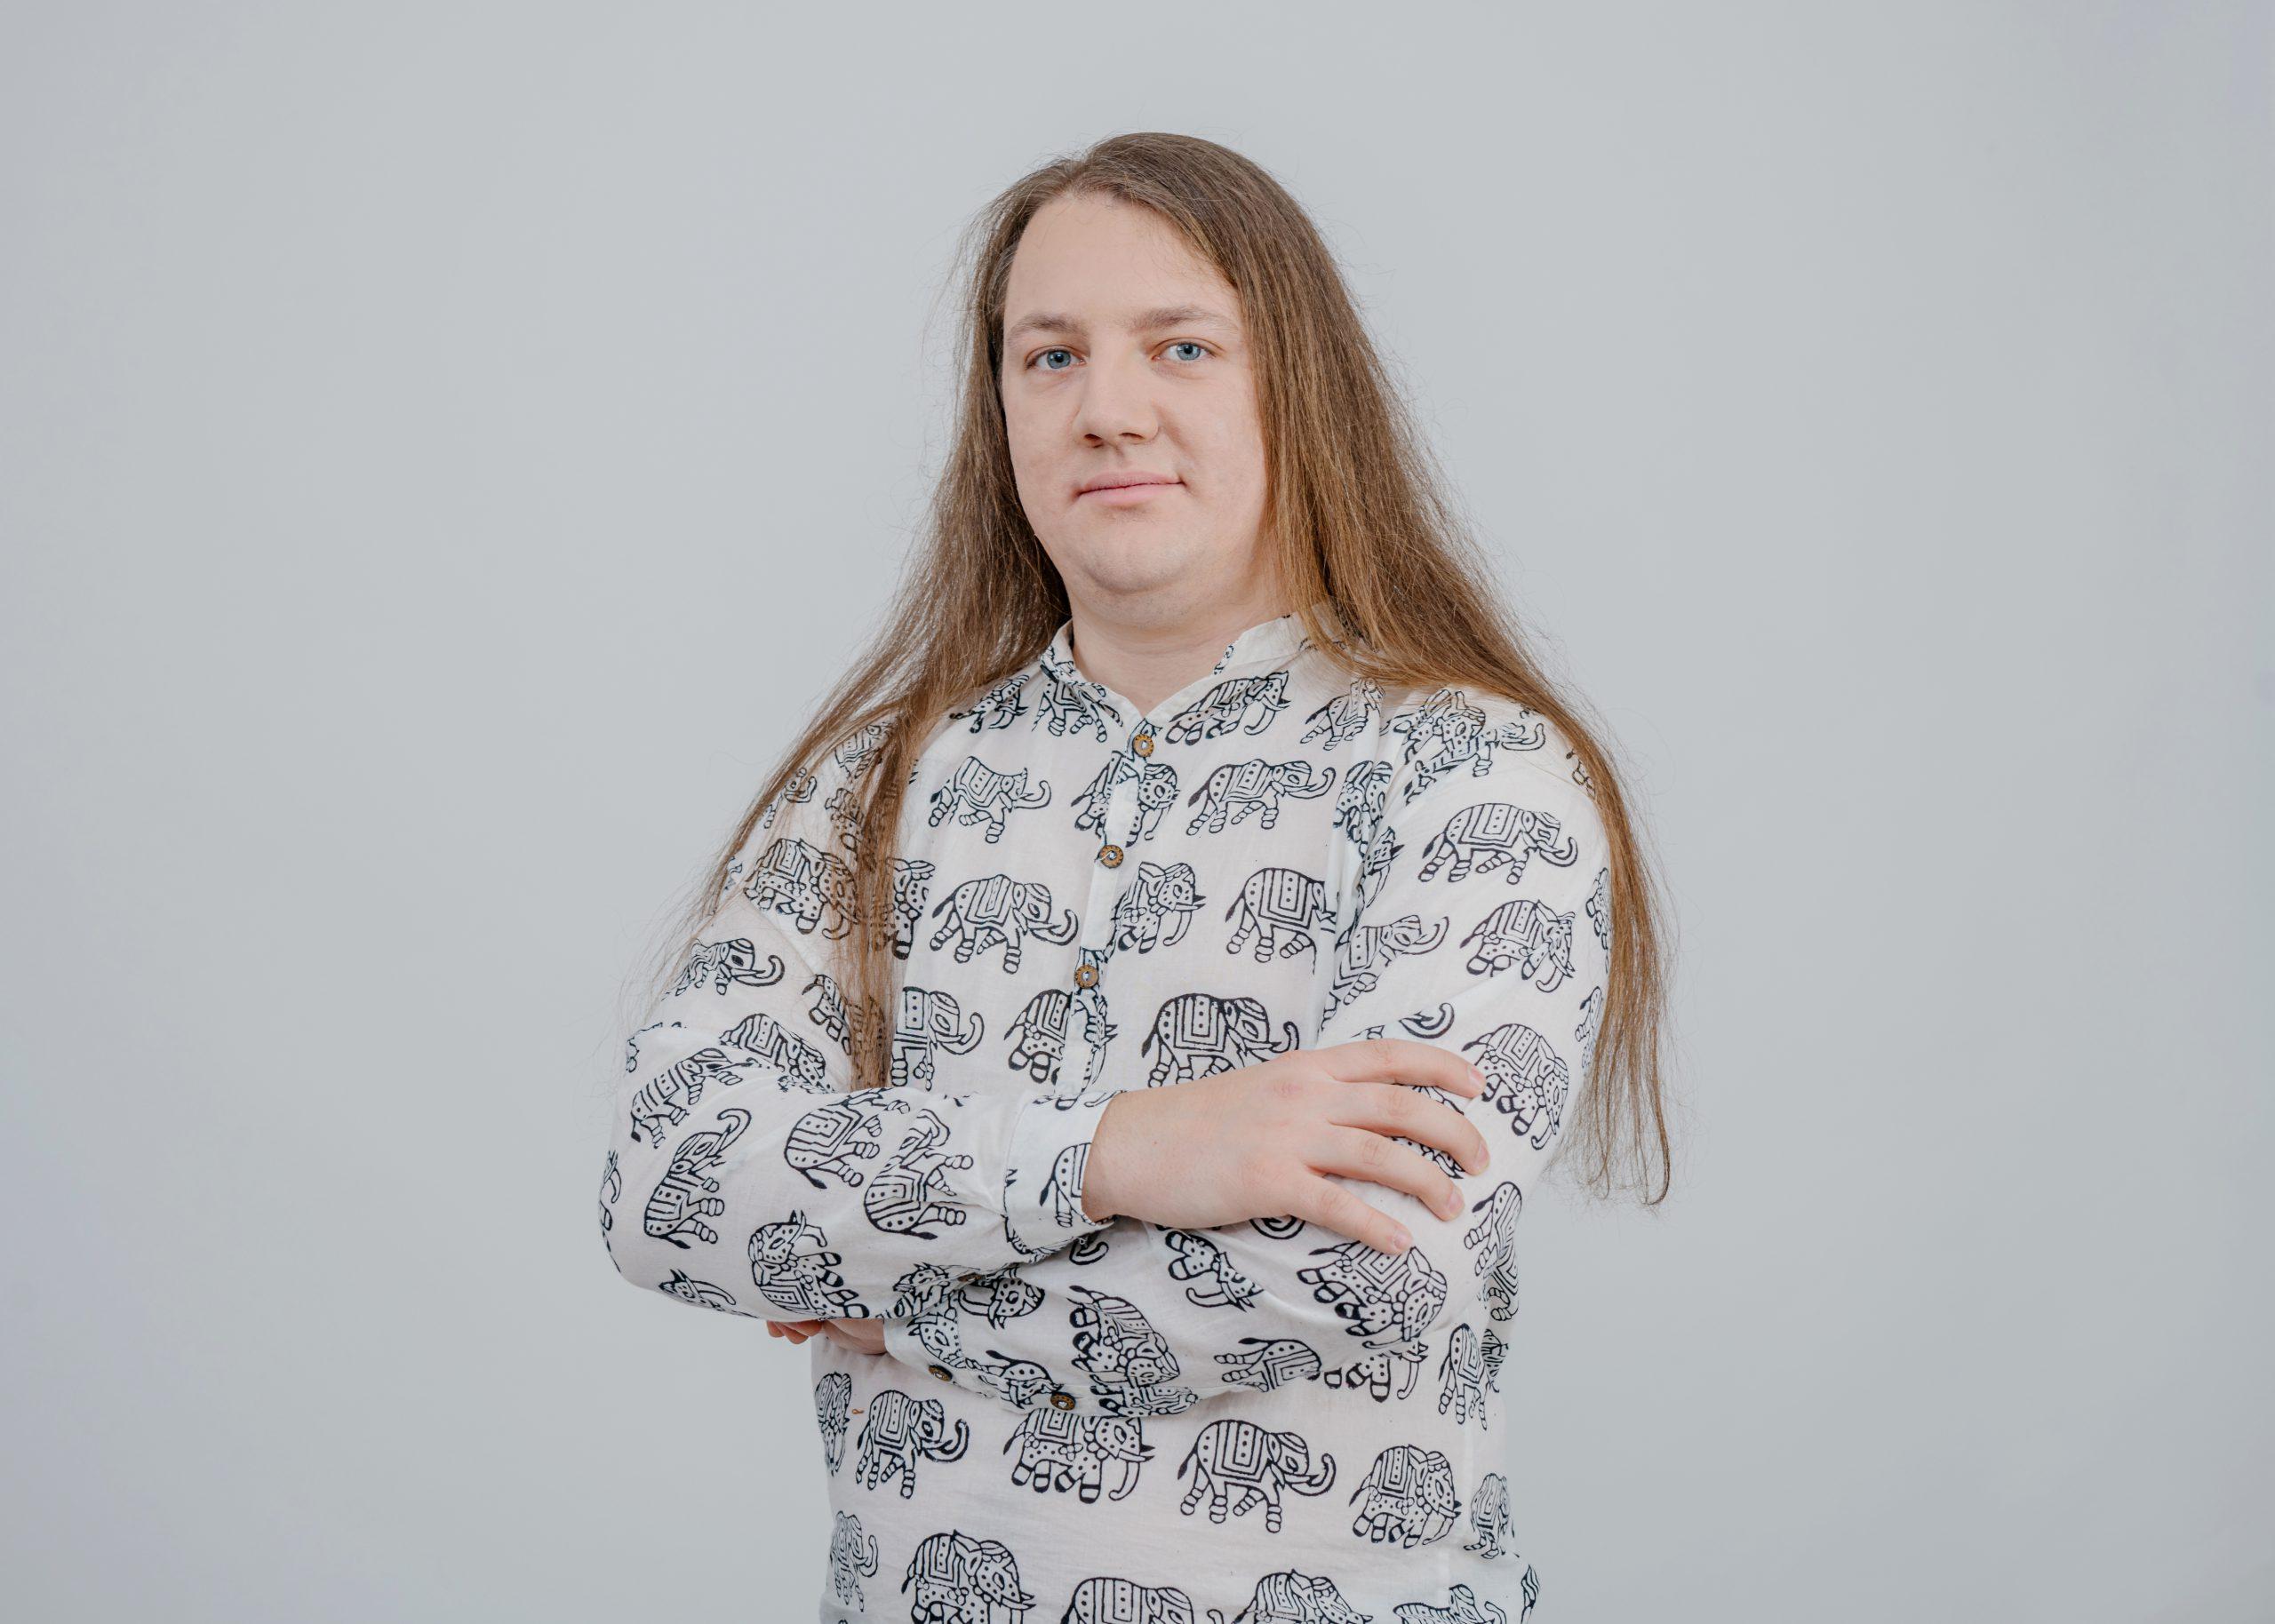 Jakub Korepta